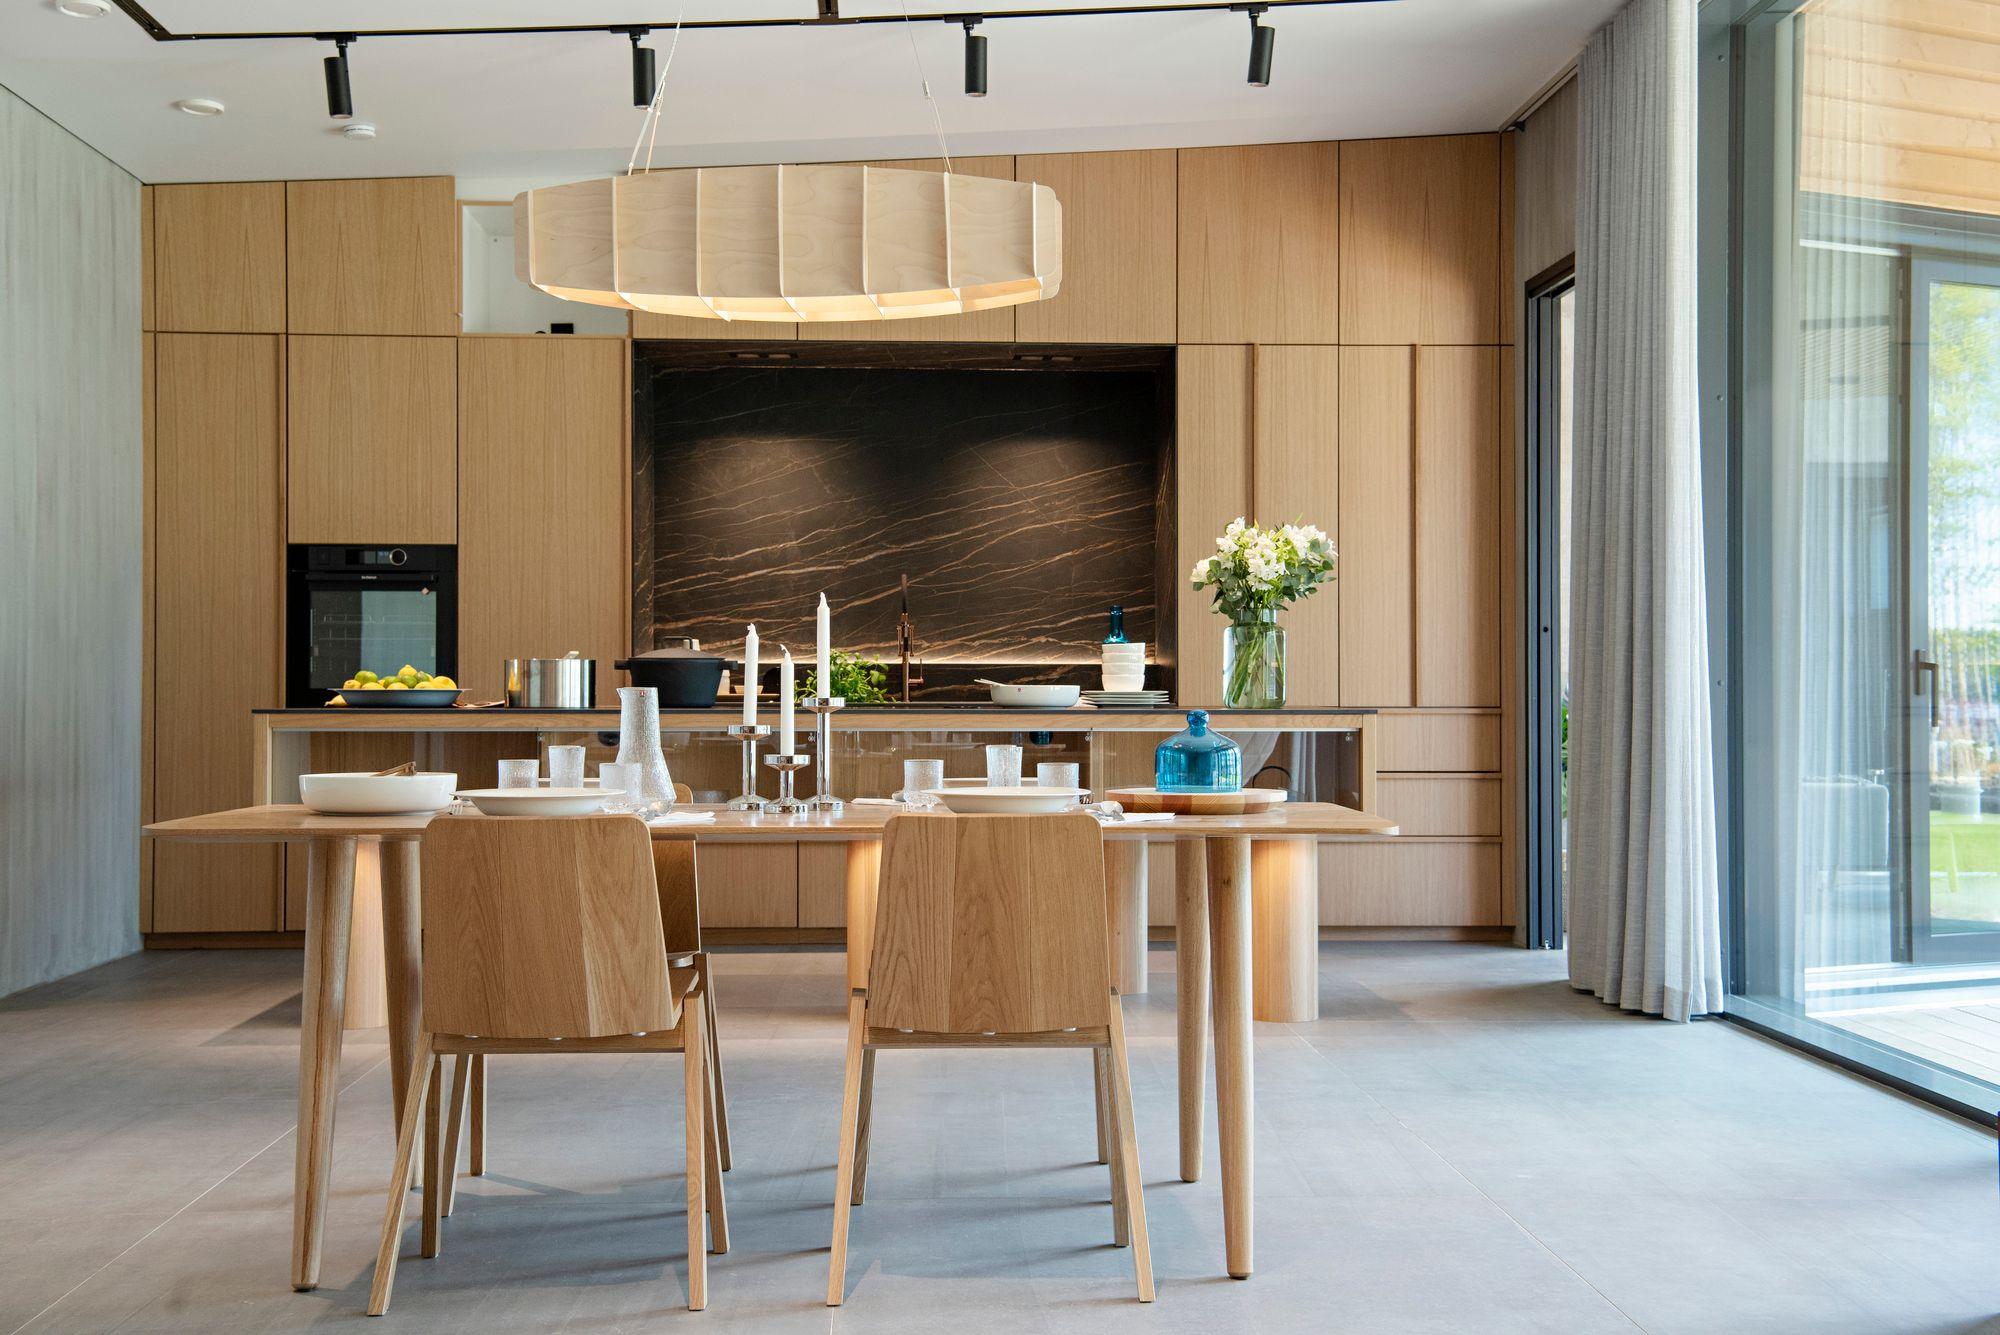 Hirvosten kodissa on luonnonvaloa ja tilaa. Keittiö on kotimaisen Saari-keittiöiden Silta-mallistoa. © Susa Junnola